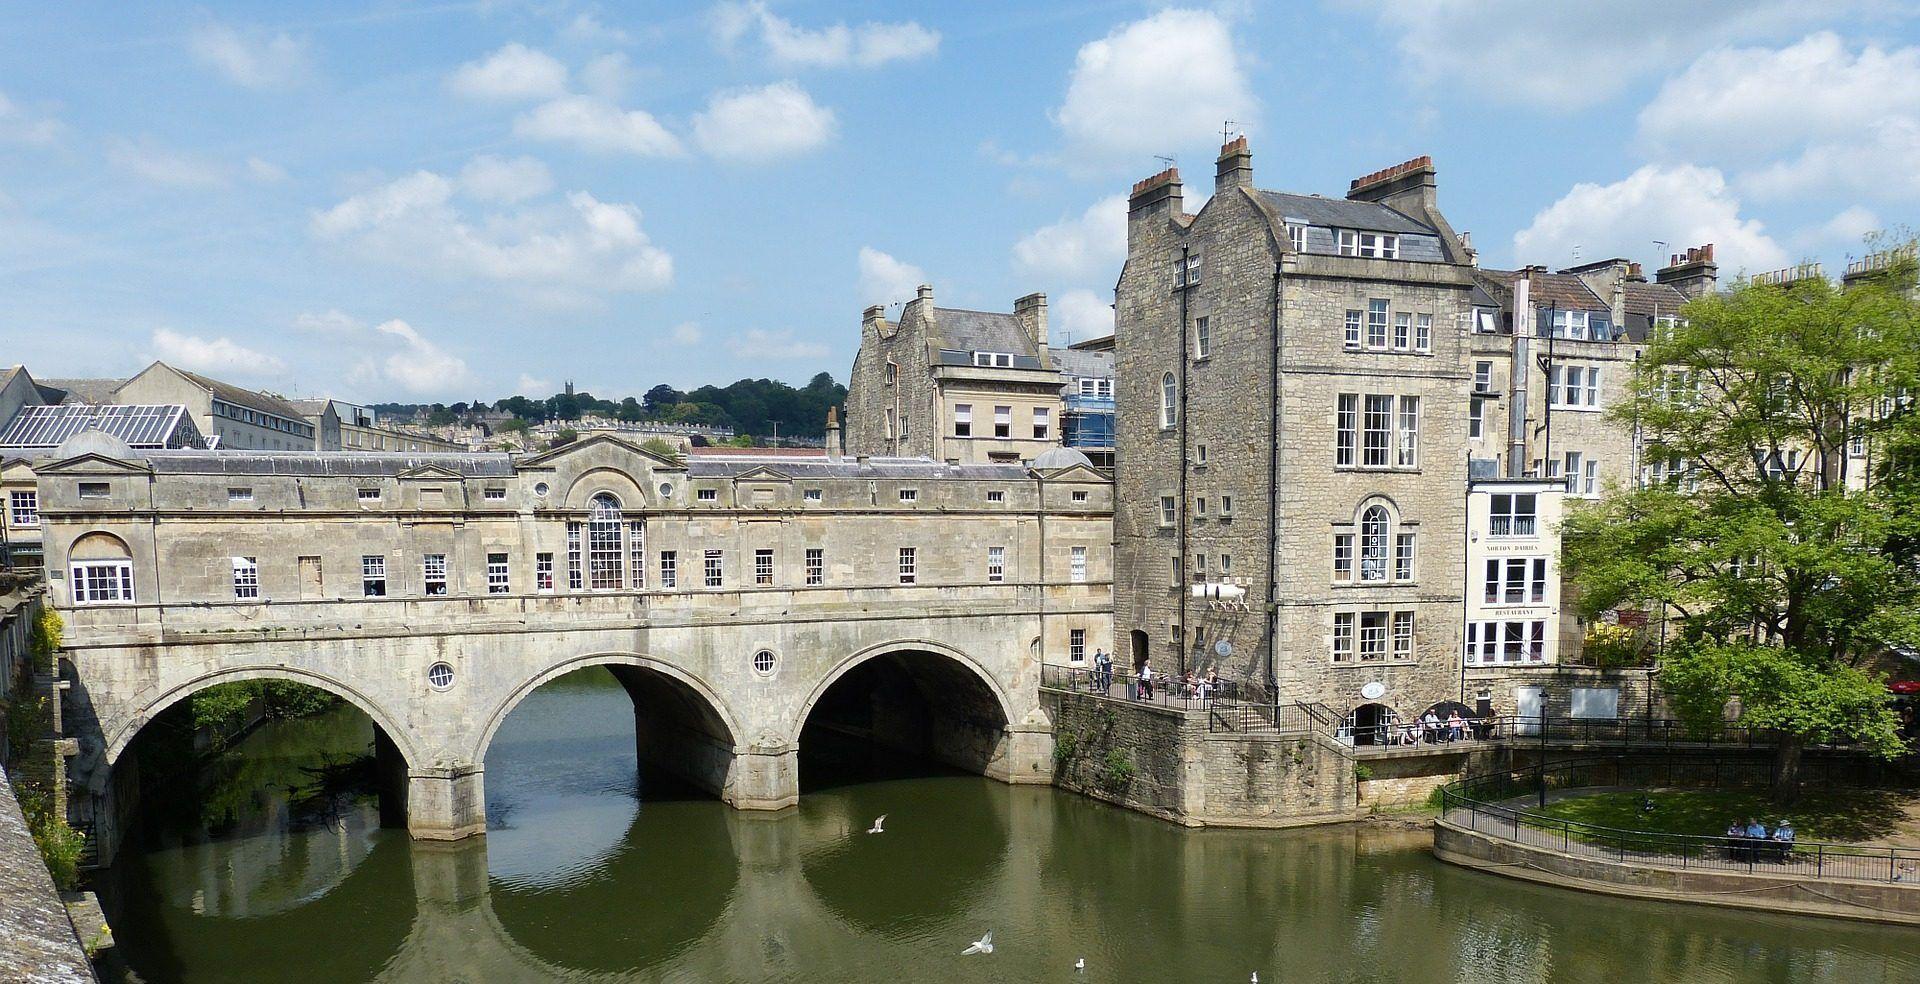 Sprachreise nach Bath, Sprachkurs Großbritannien, Sprachschule Kaplan England